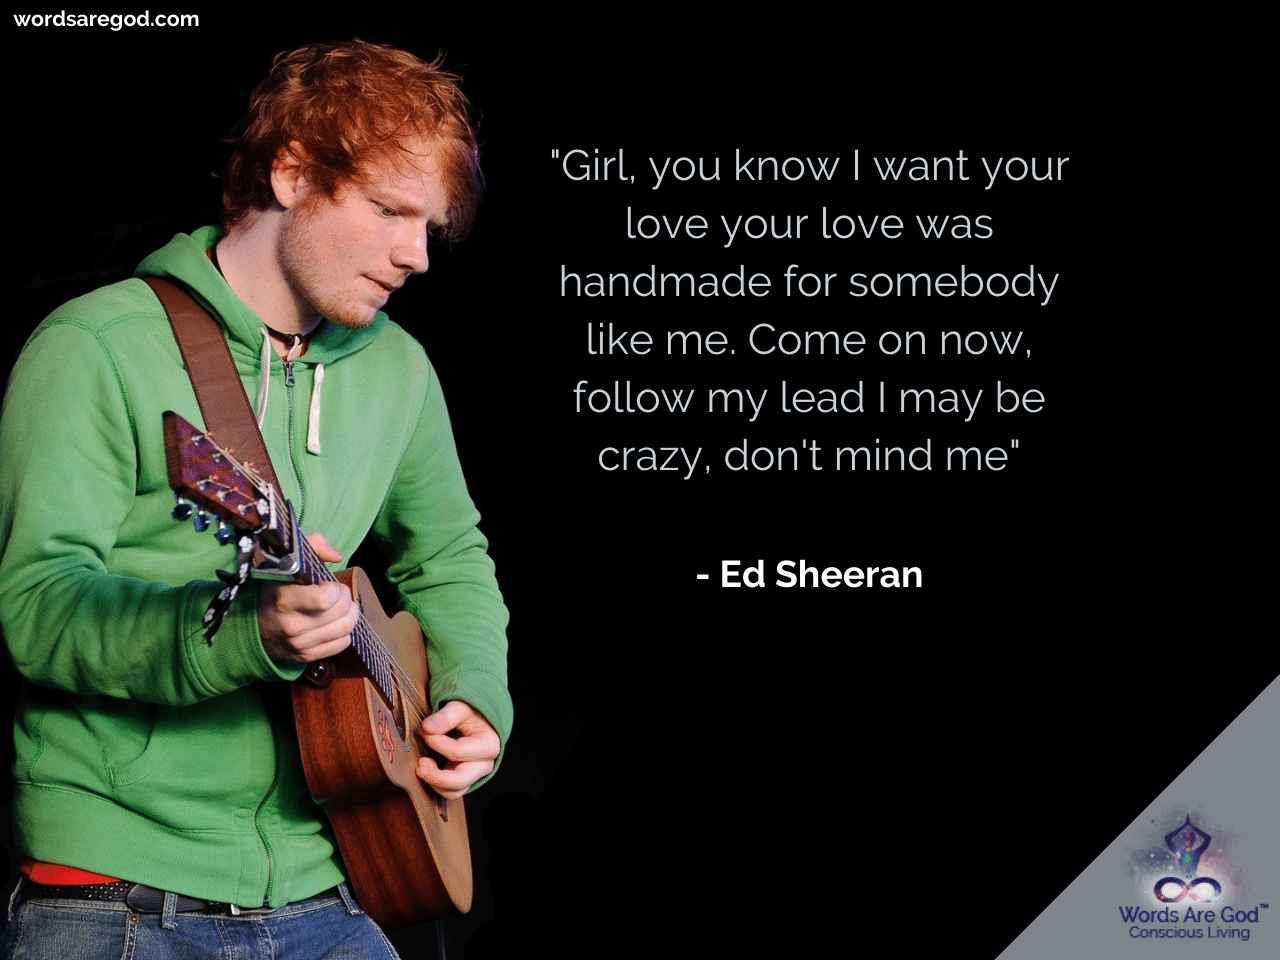 Ed Sheeran Life Quotes